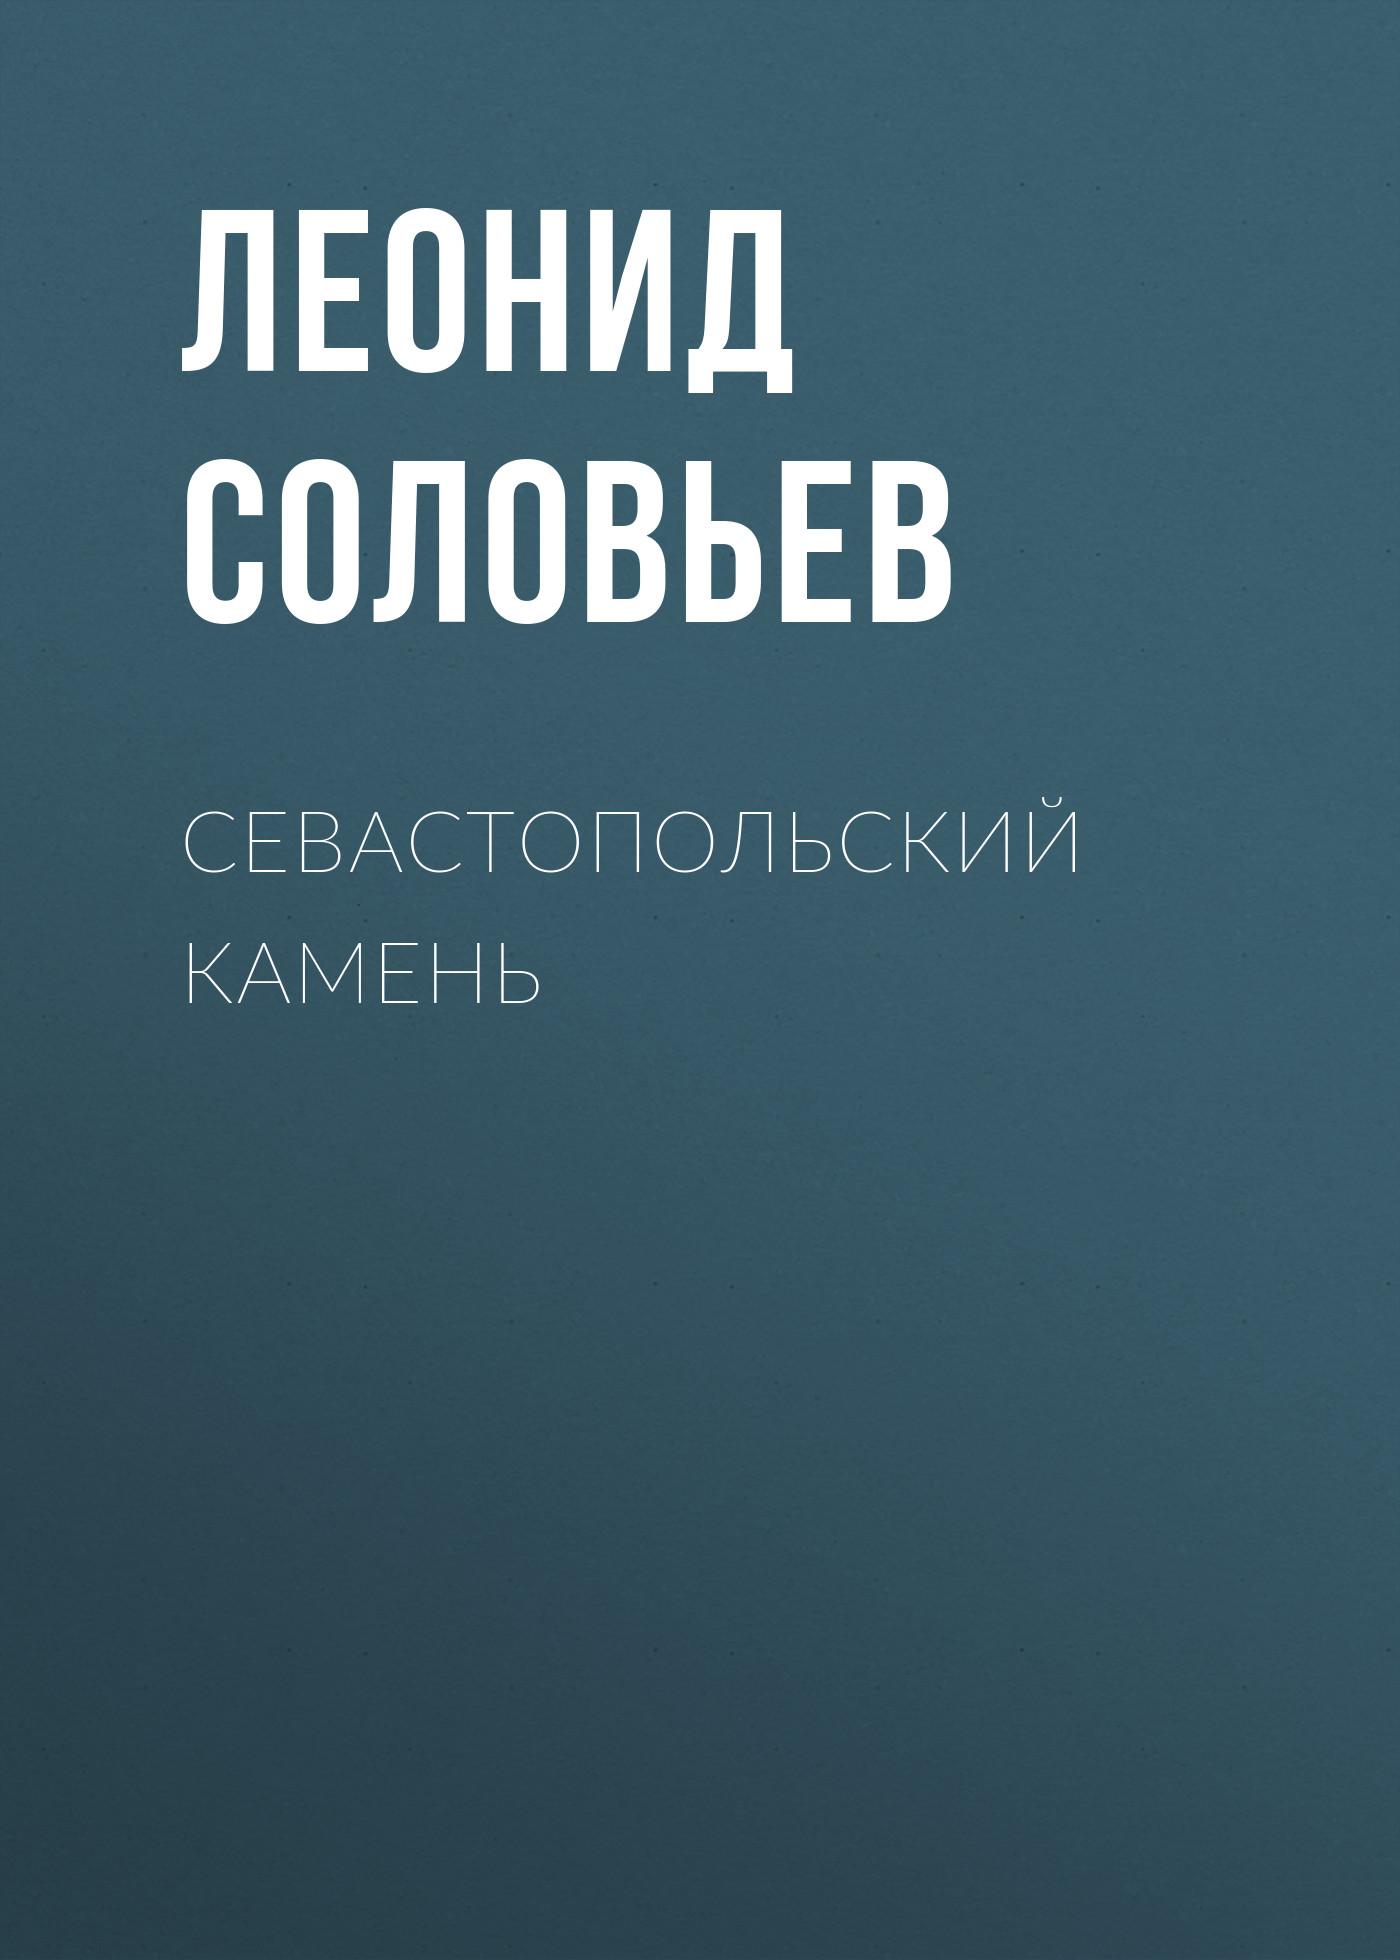 Леонид Соловьев Севастопольский камень леонид соловьев севастопольский камень